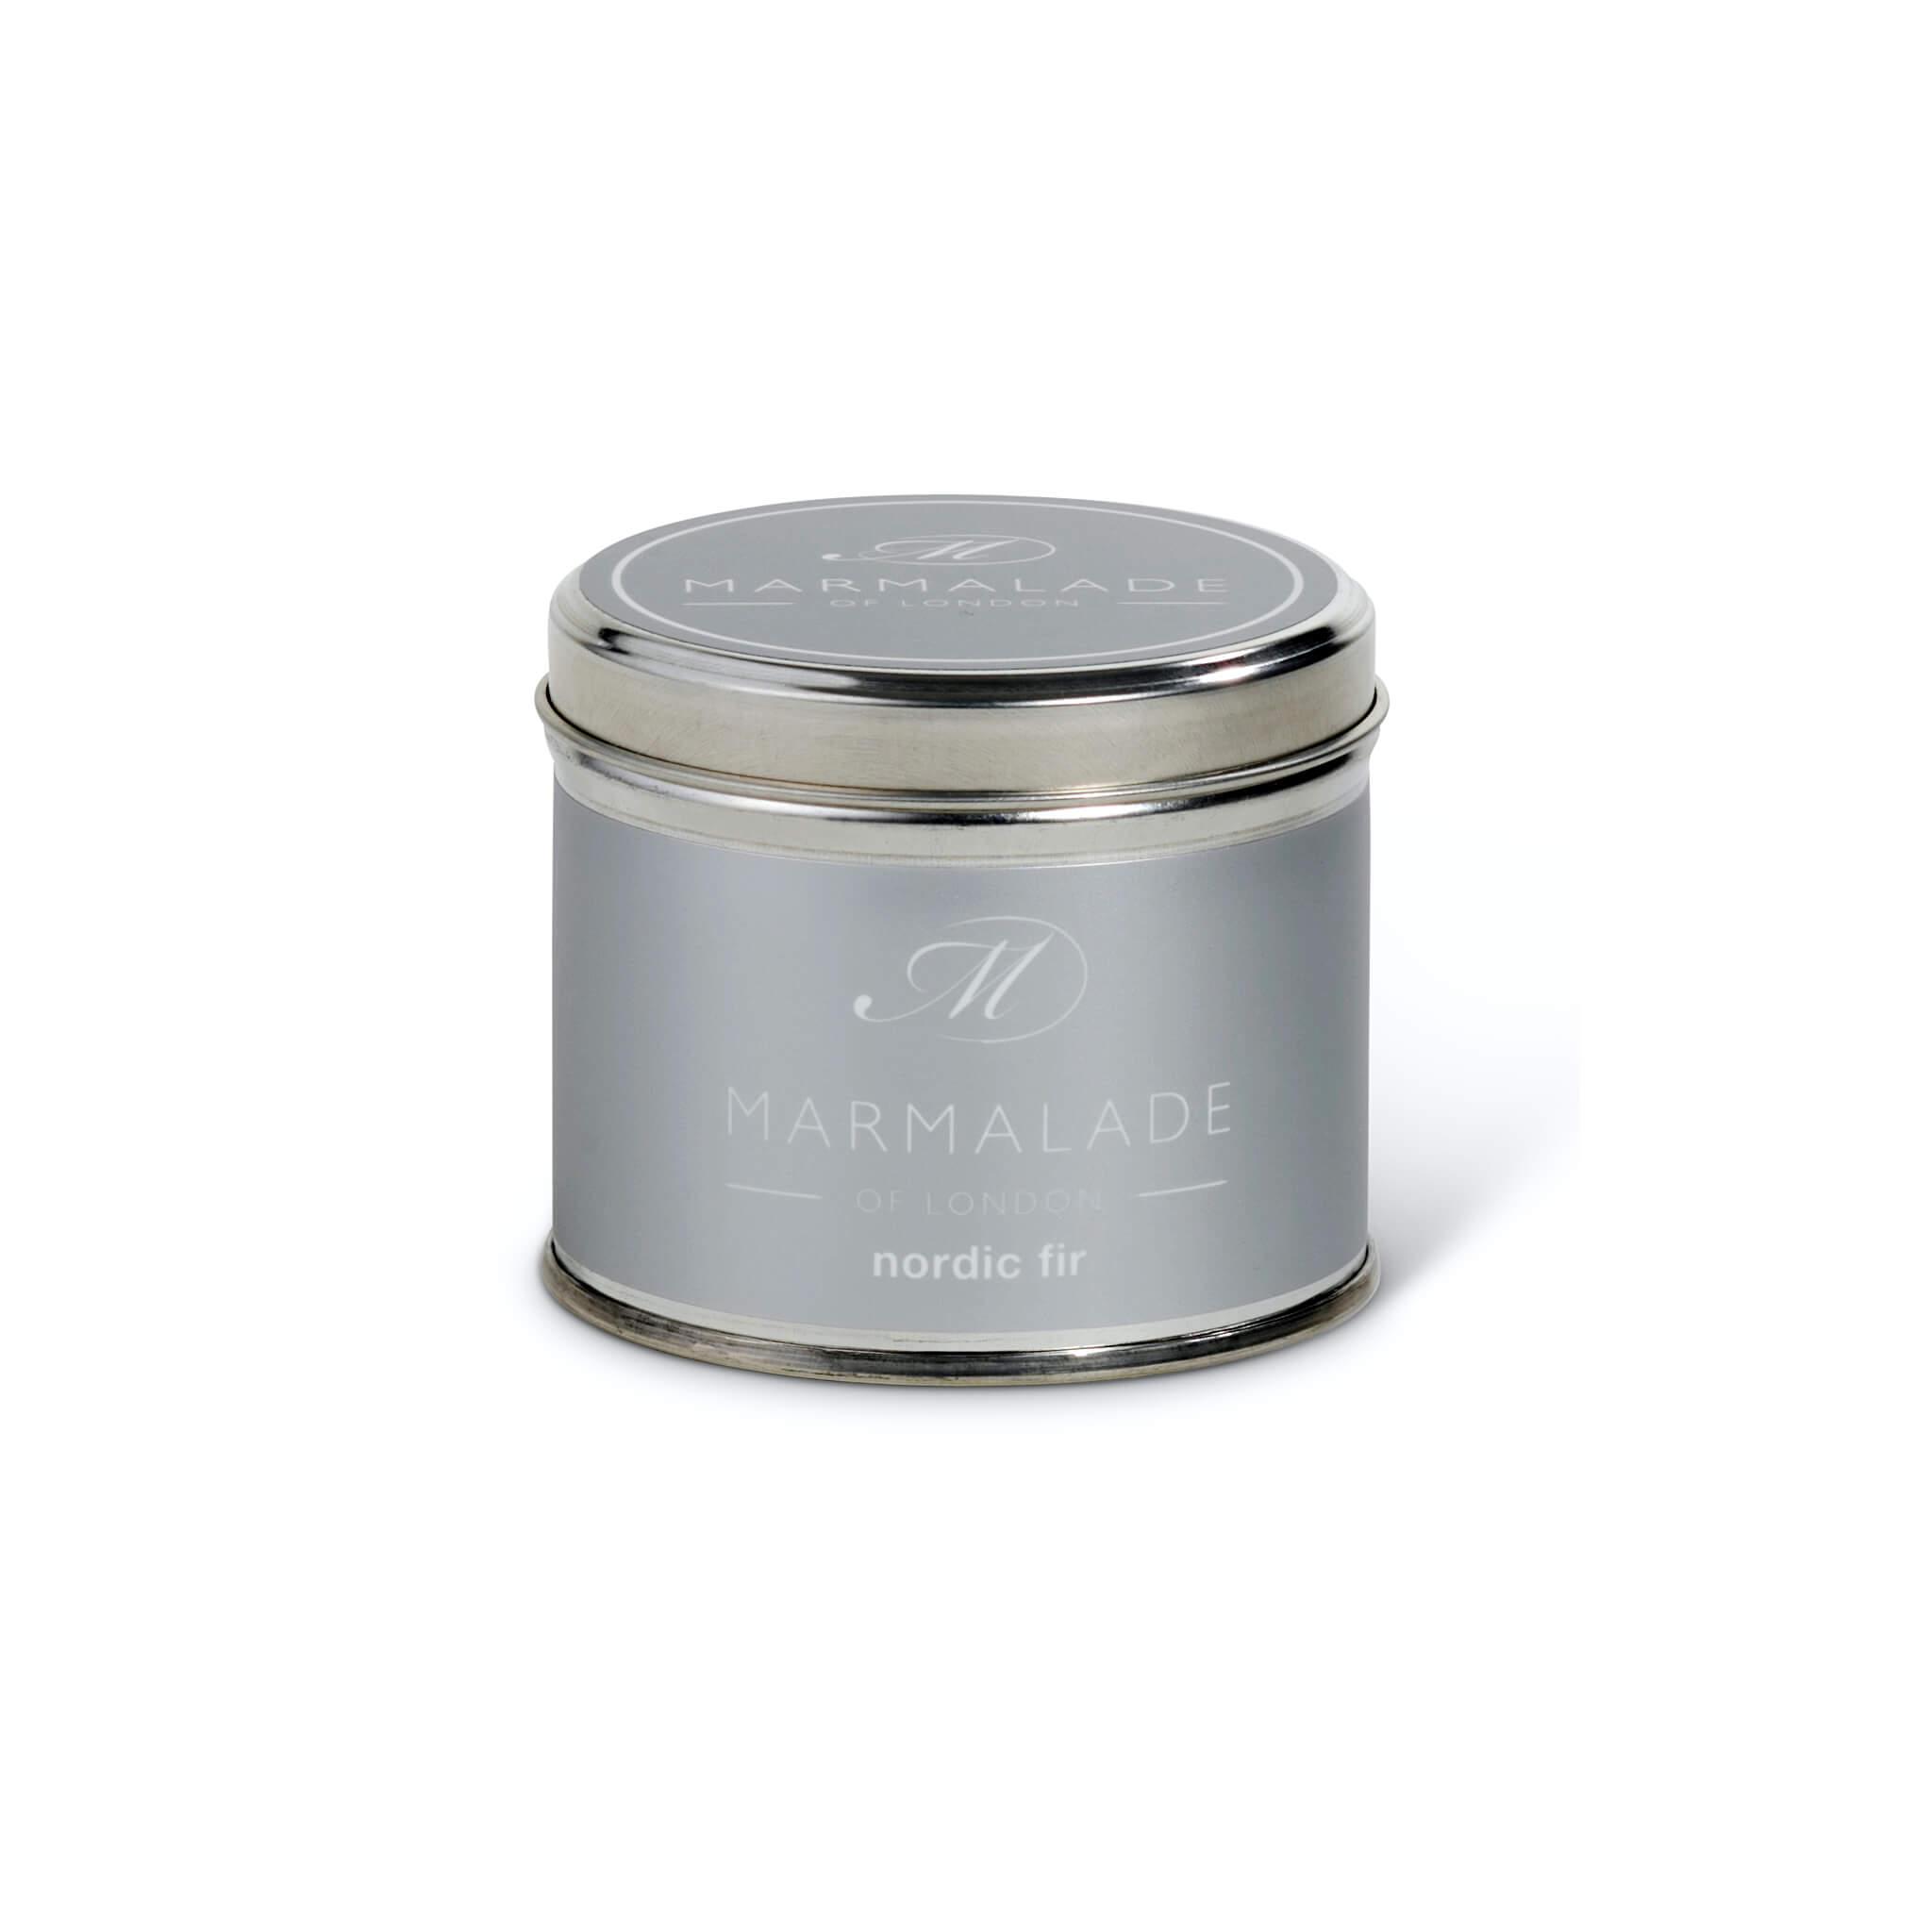 Nordic Fir Medium Tin Candle